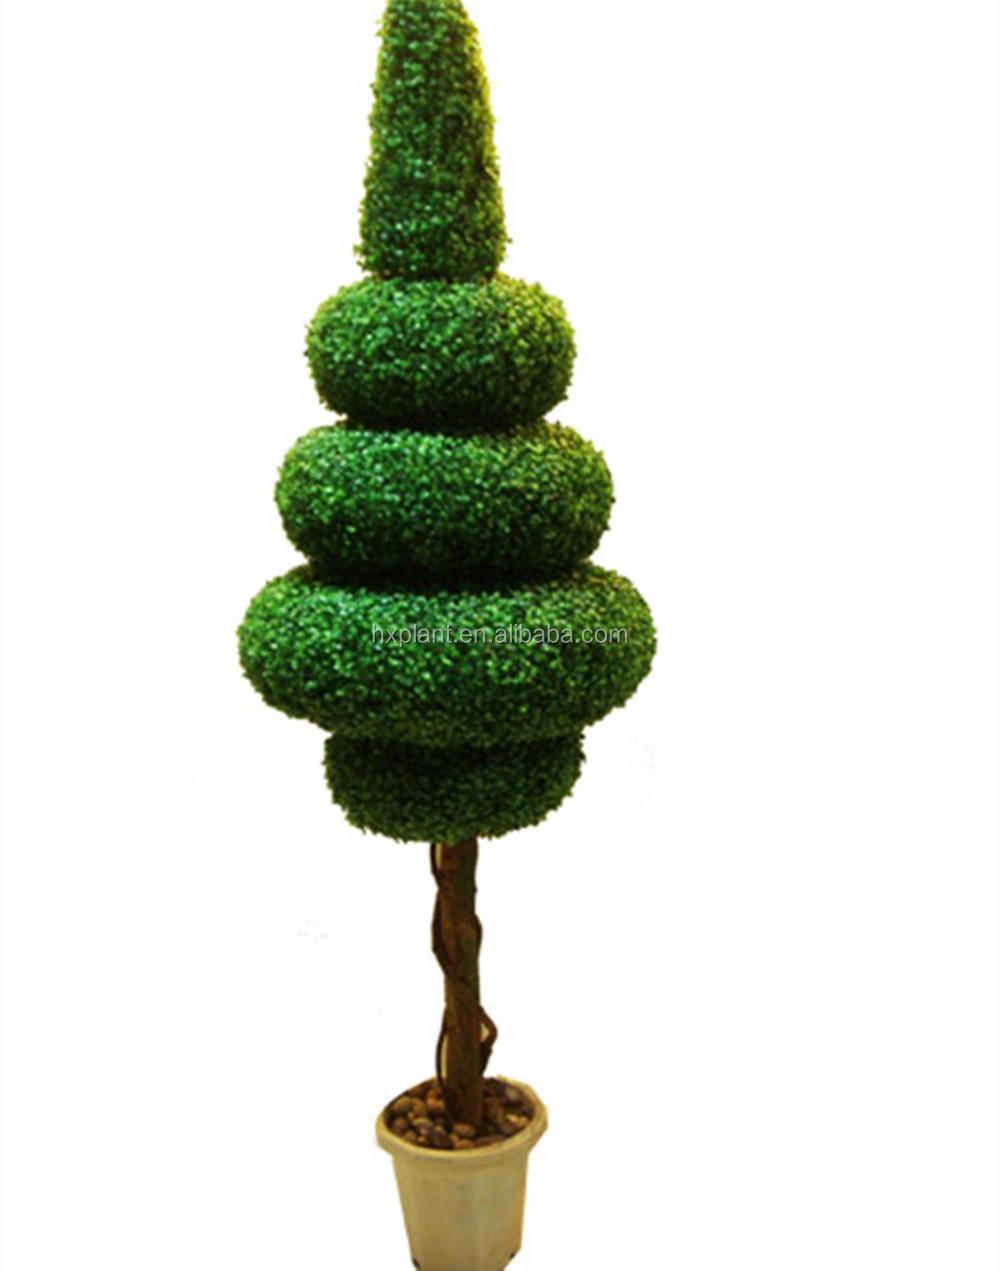 Nep Merk Tassen Te Koop : Kunstmatige buxus bonsai boom nep groene